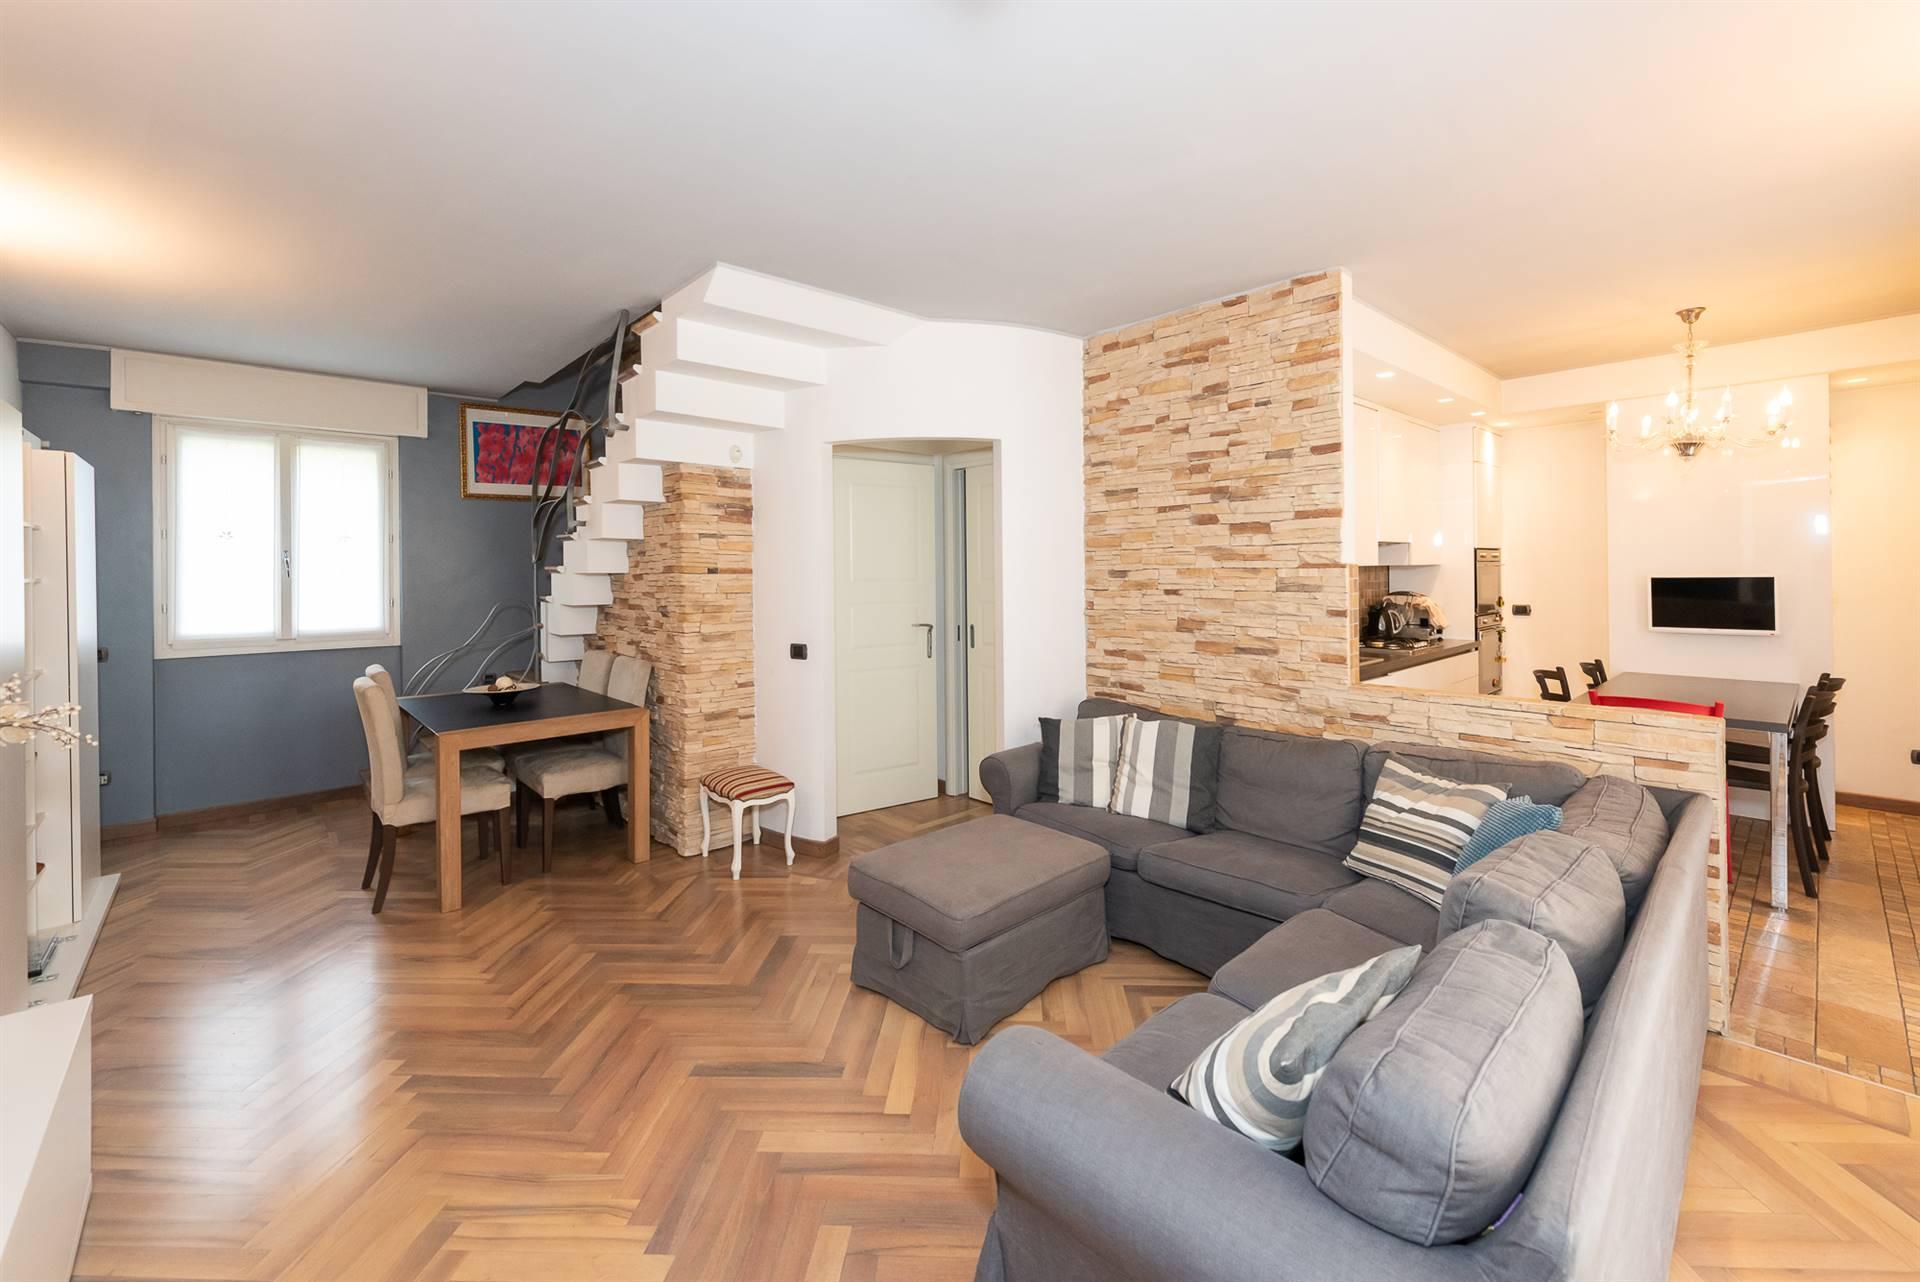 Appartamento in vendita a Bussero, 4 locali, prezzo € 289.000 | PortaleAgenzieImmobiliari.it